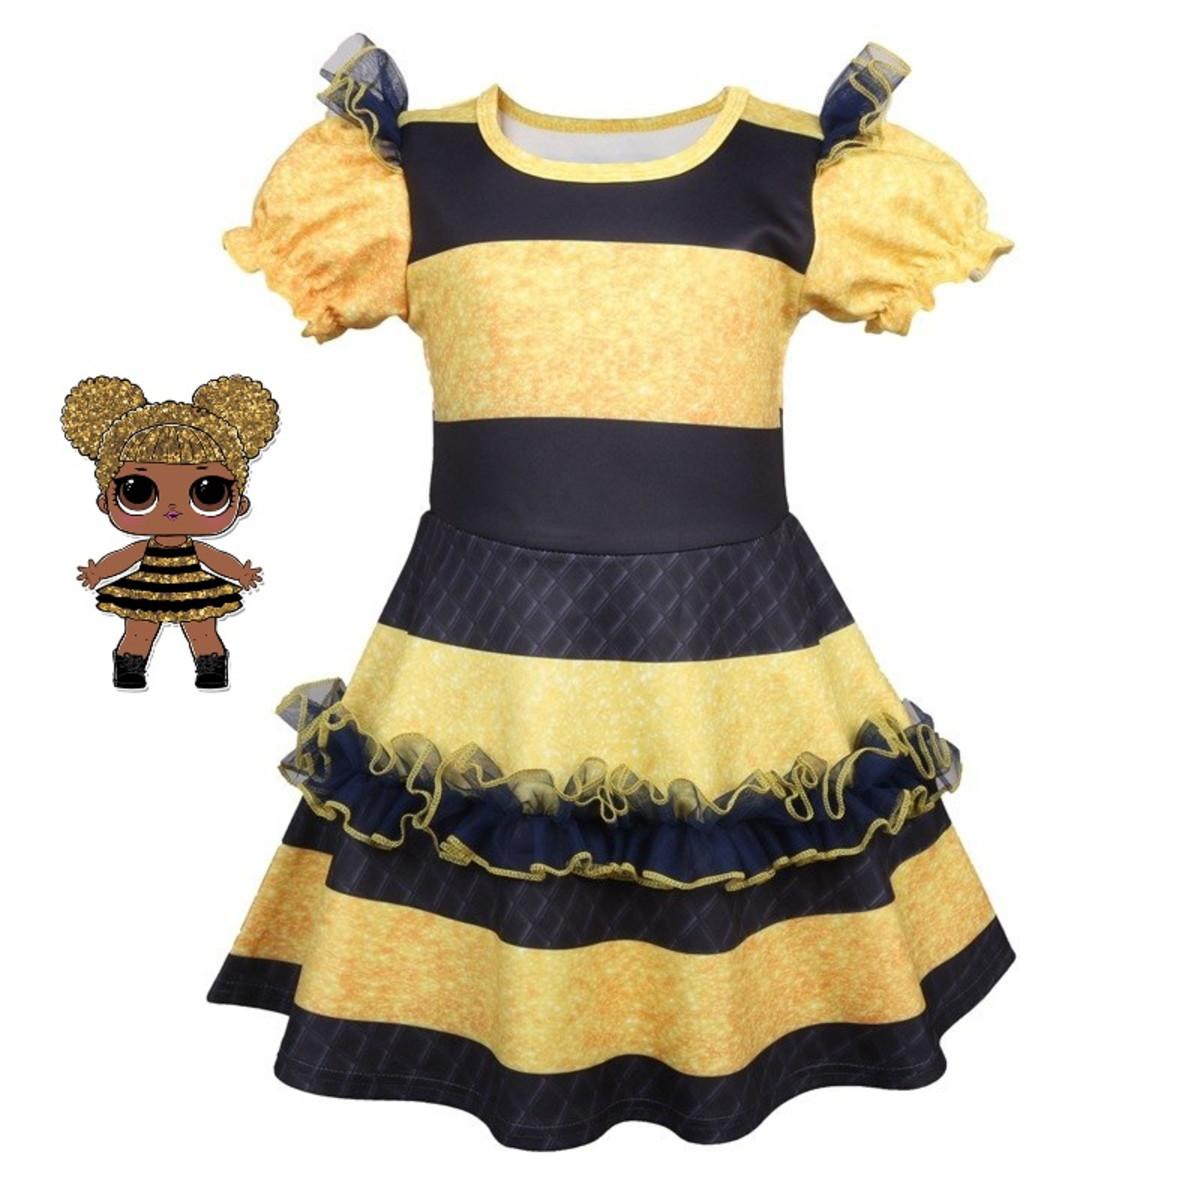 Vestido Fantasia Lol Queen Bee Abelha Carnaval Ou Festa No Elo7 Borboletinhas Kids E30dee